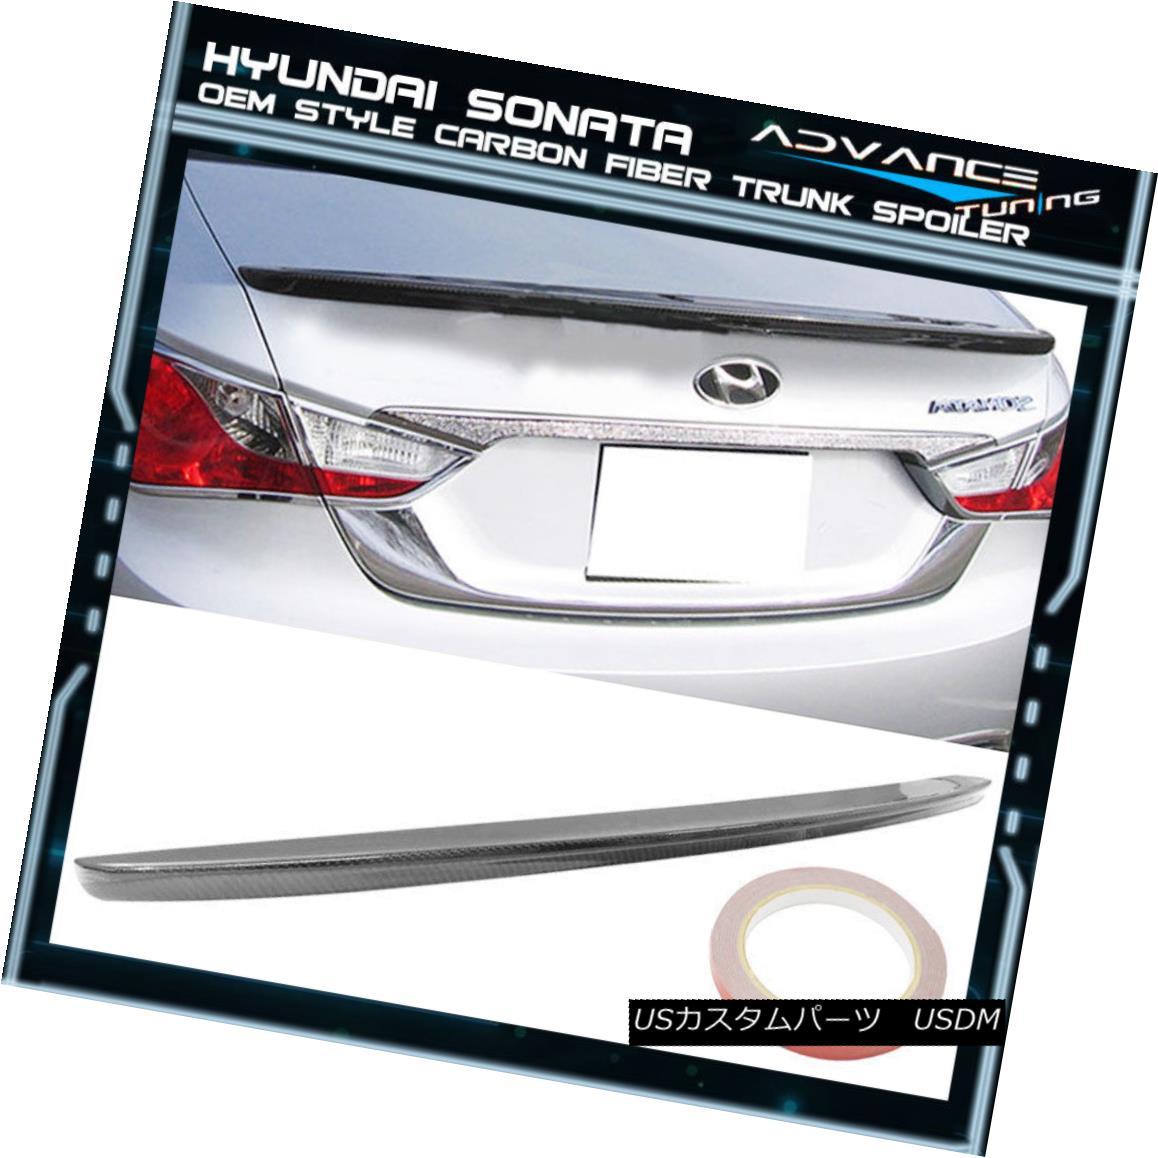 エアロパーツ Fits 11-14 Hyundai Sonata OE Style CF Carbon Fiber Trunk Spoiler フィット11-14現代ソナタOEスタイルCF炭素繊維トランク・スポイラー